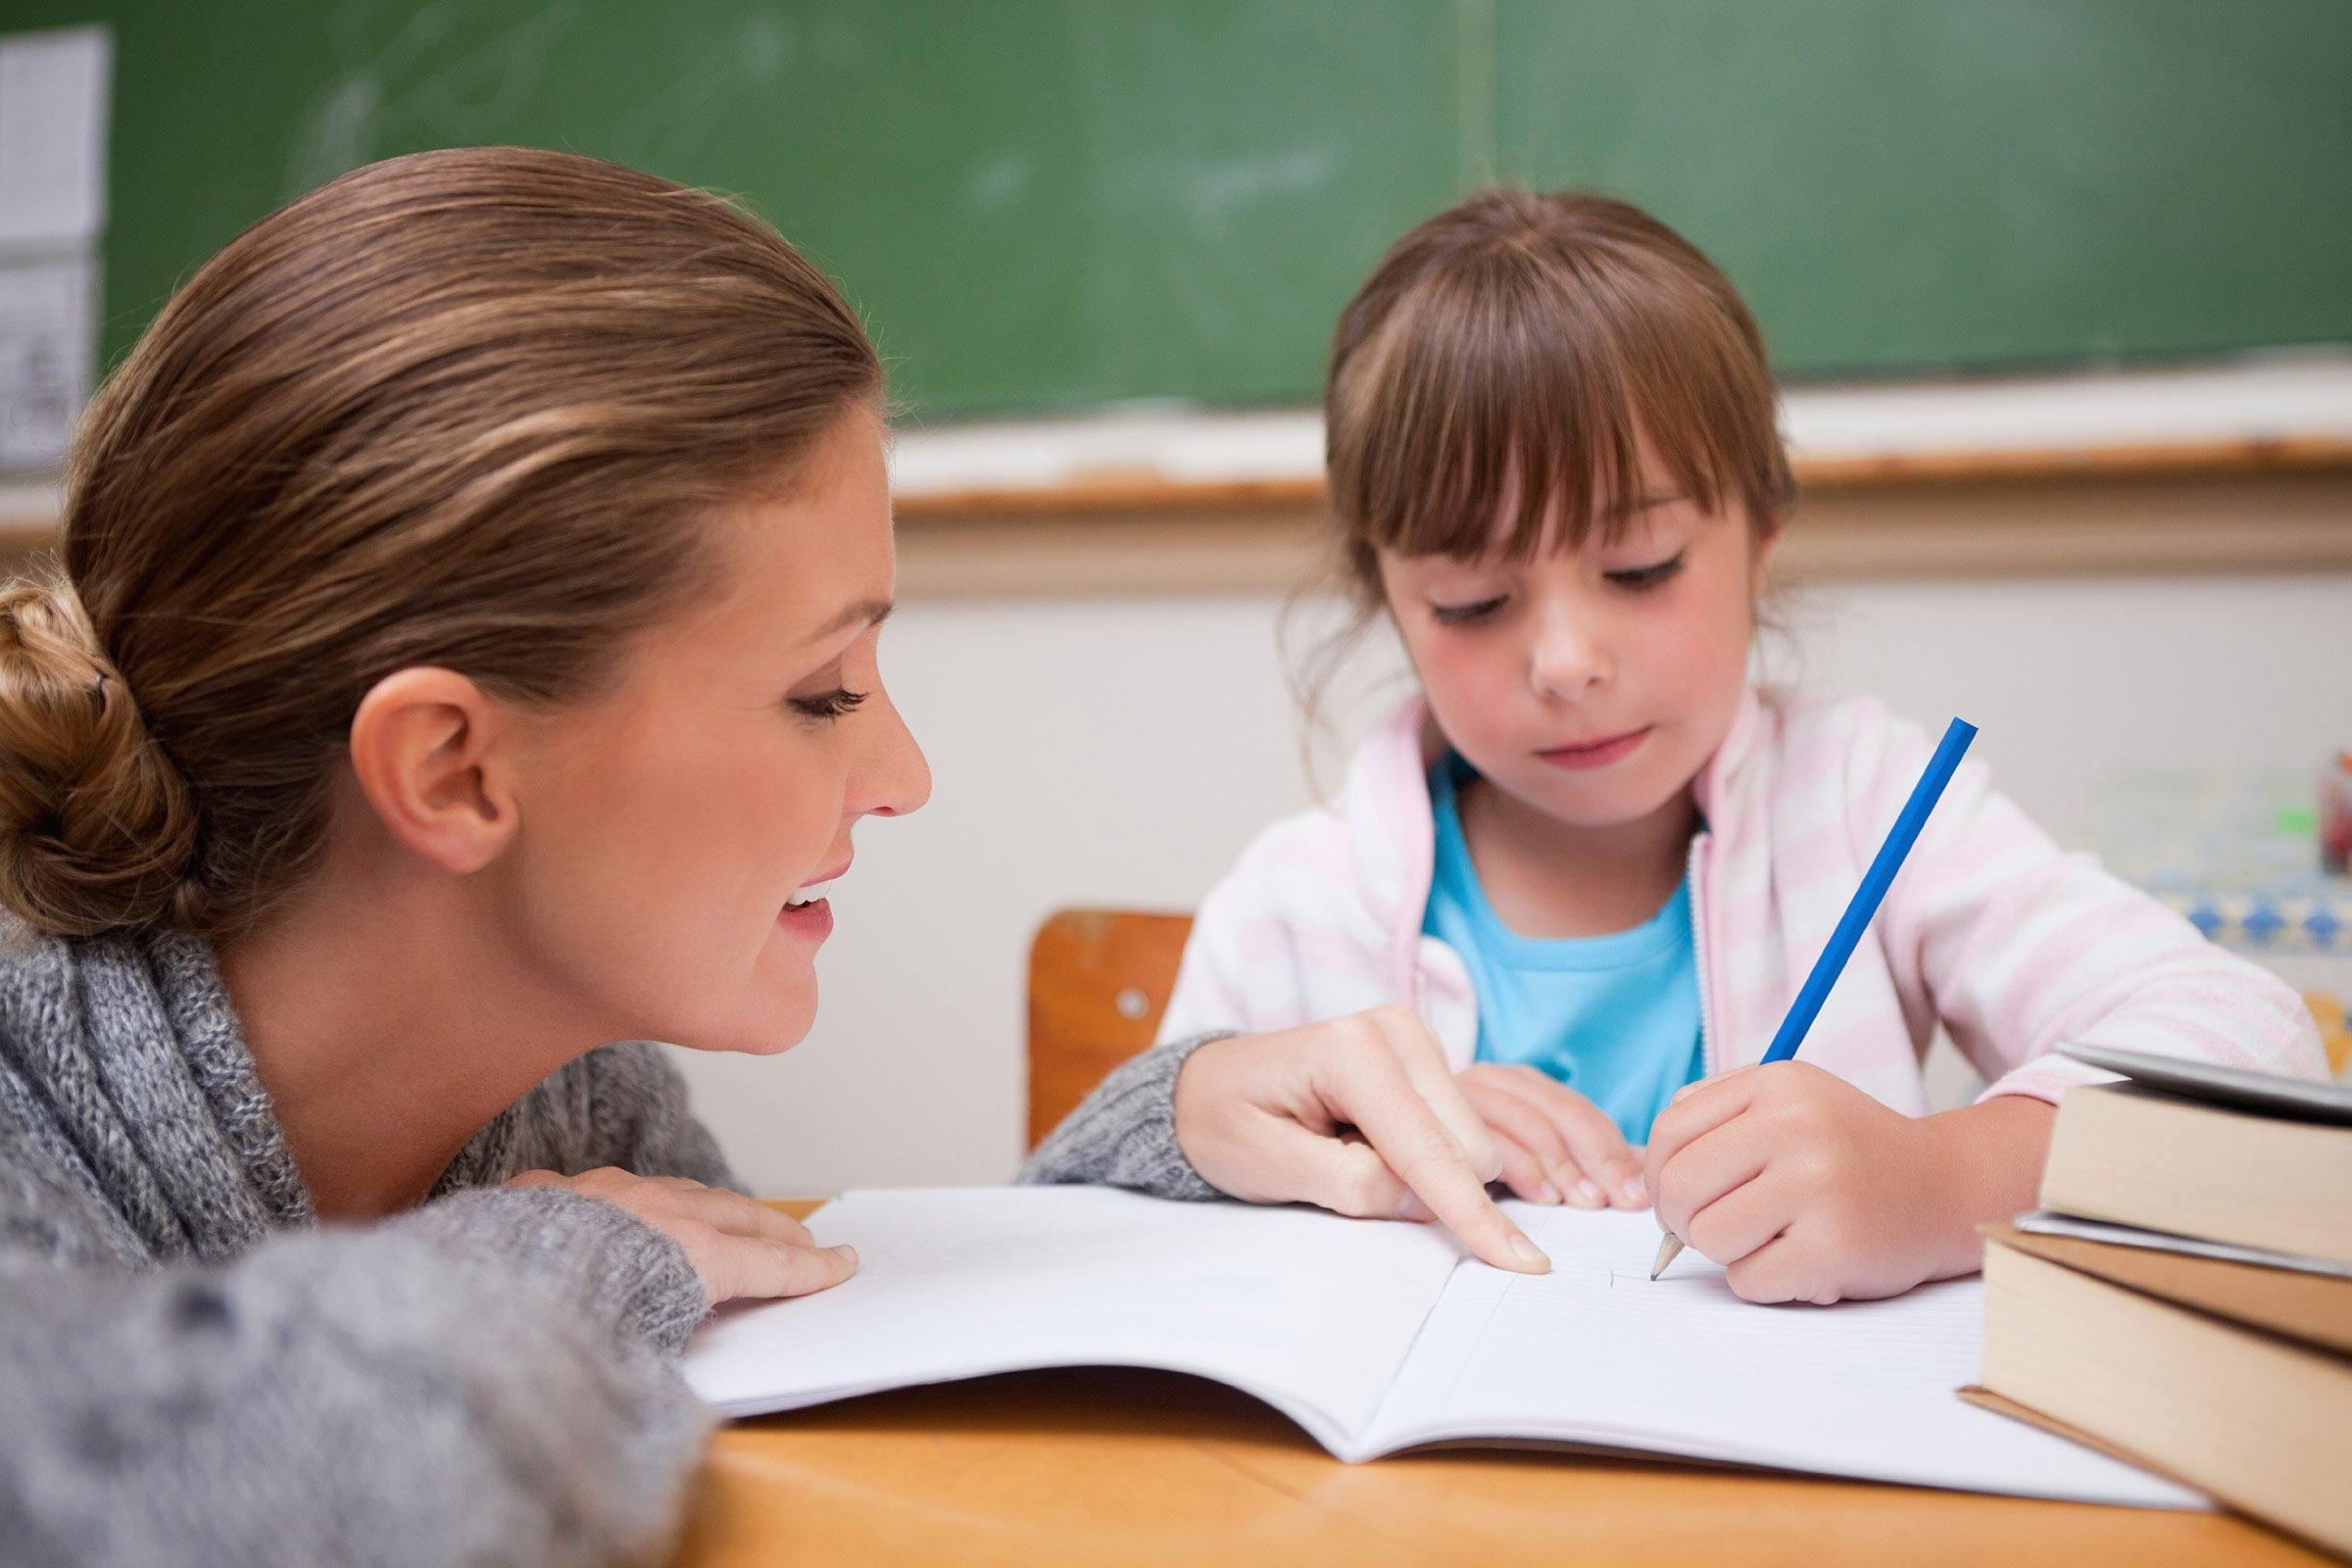 Become a Teacher in New York - Teachers Make a